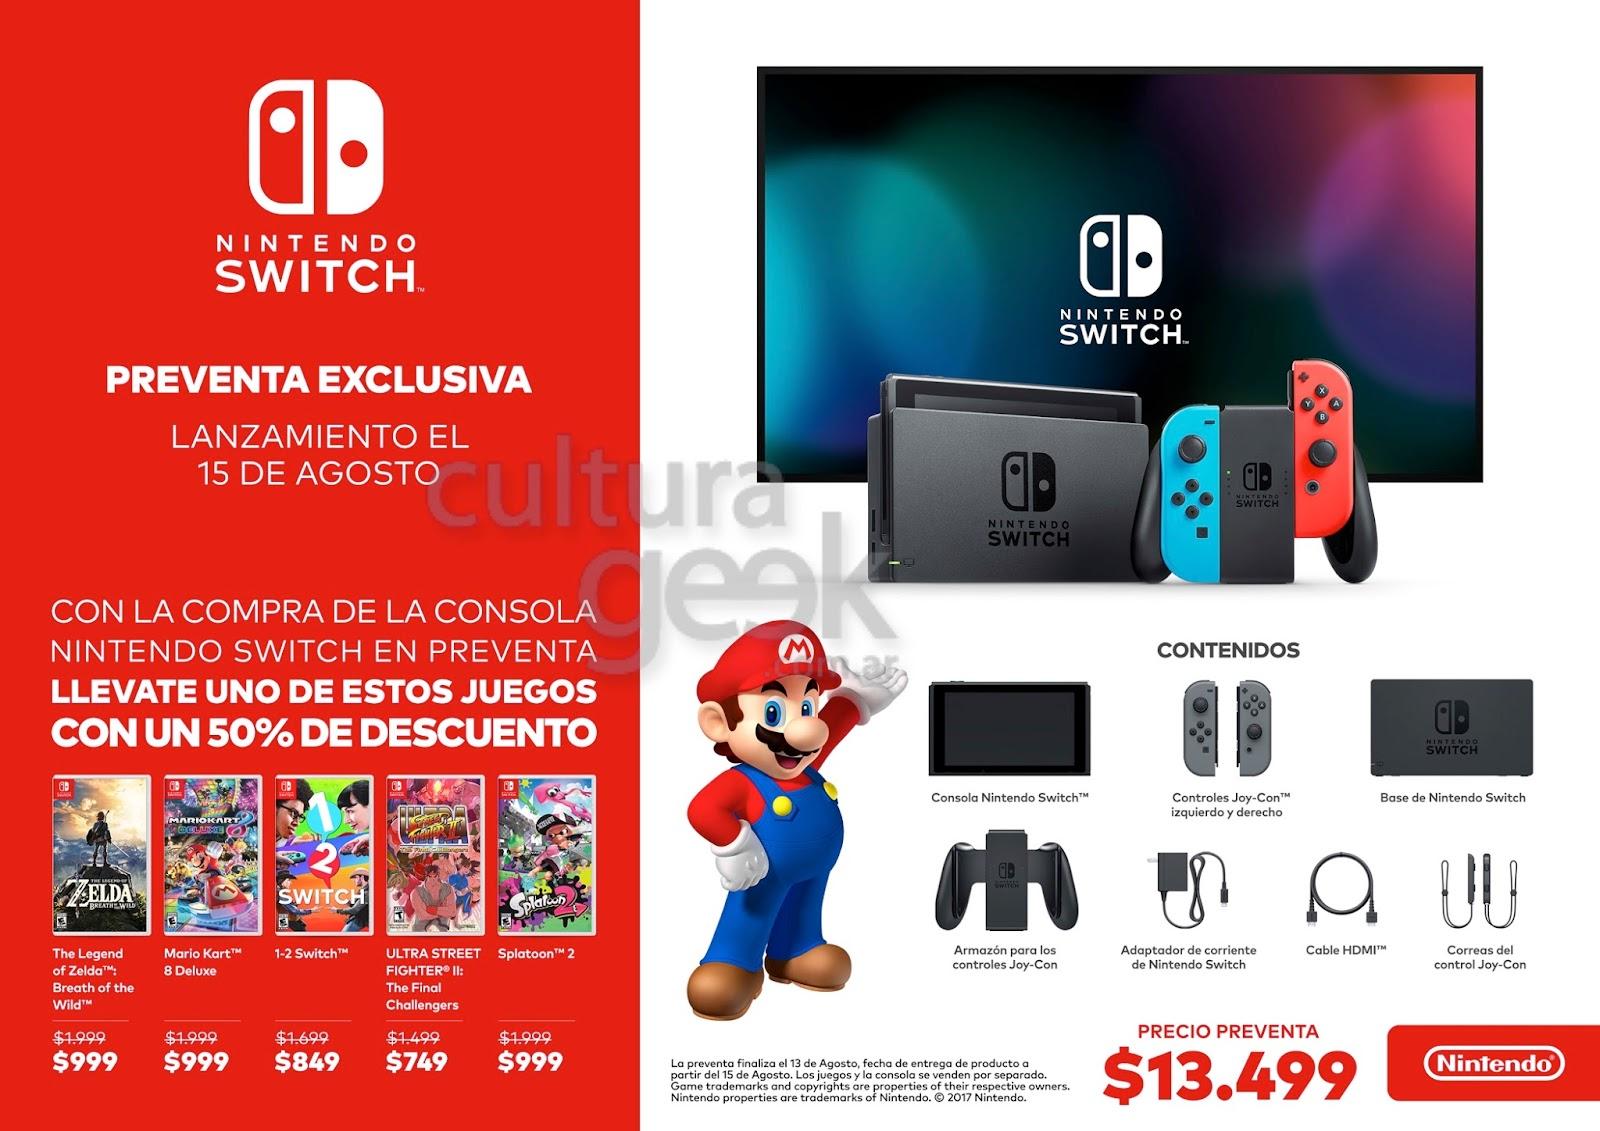 Nintendo Switch já vendeu mais de 4,7 milhões de unidades pelo mundo